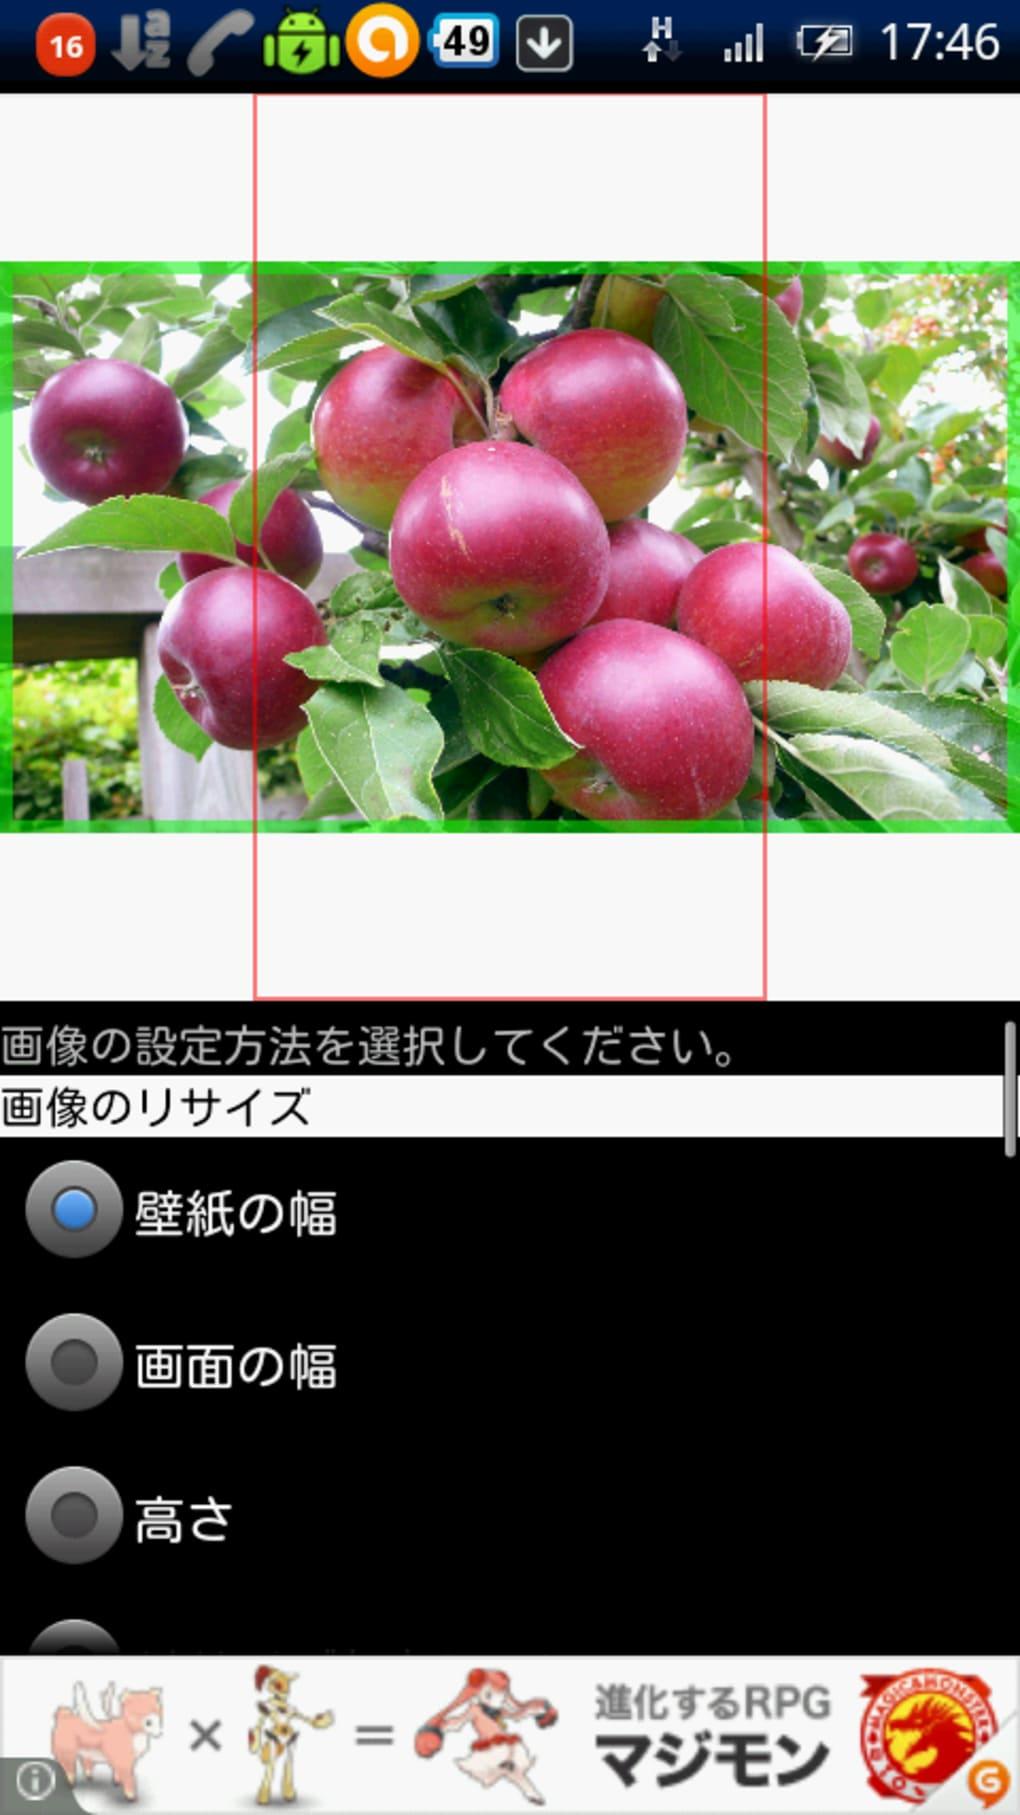 壁紙ぴったん For Android ダウンロード